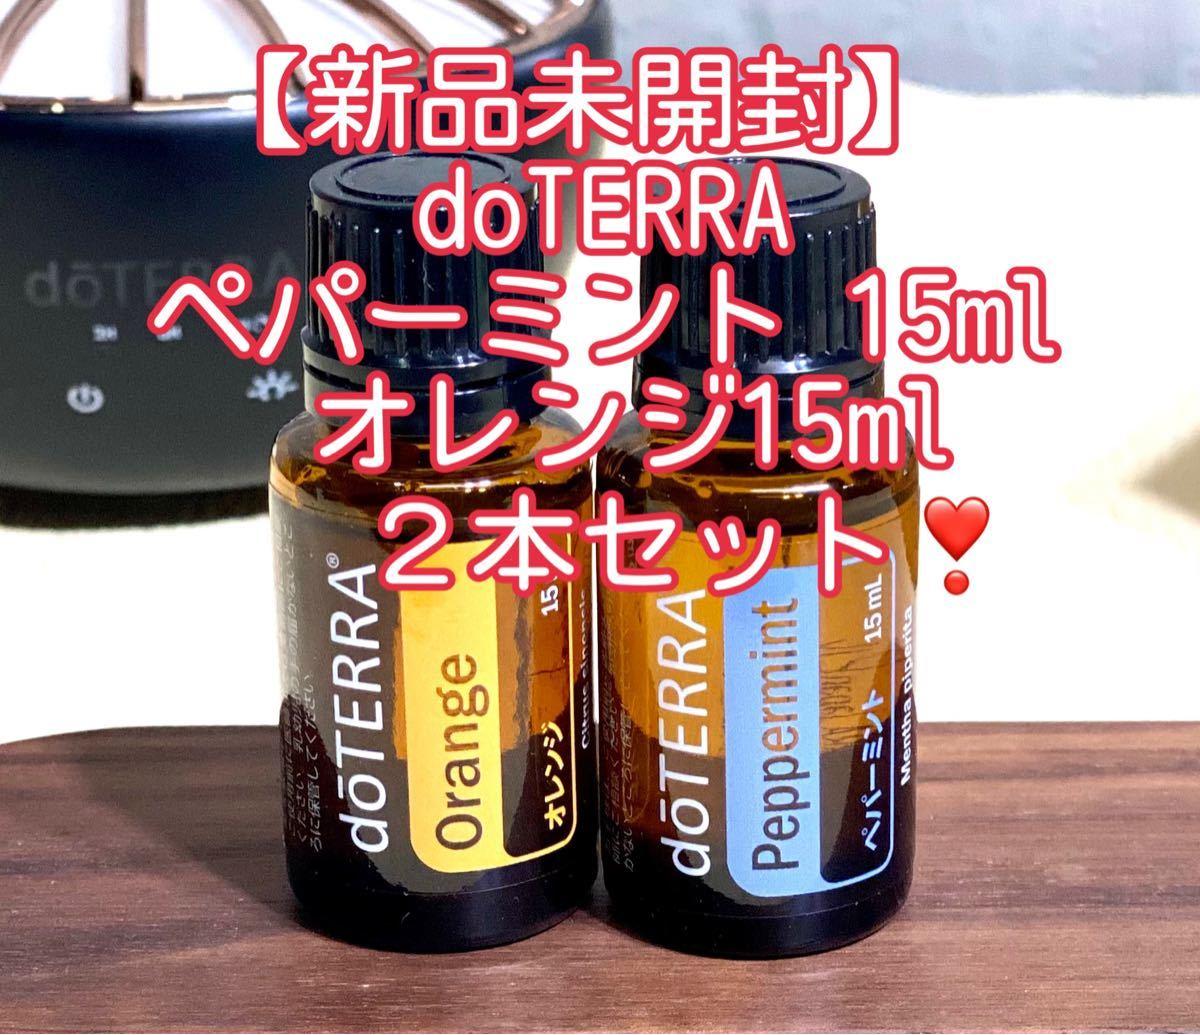 【新品未開封】ドテラ ペパーミント オレンジ15ml 2本セット doTERRA